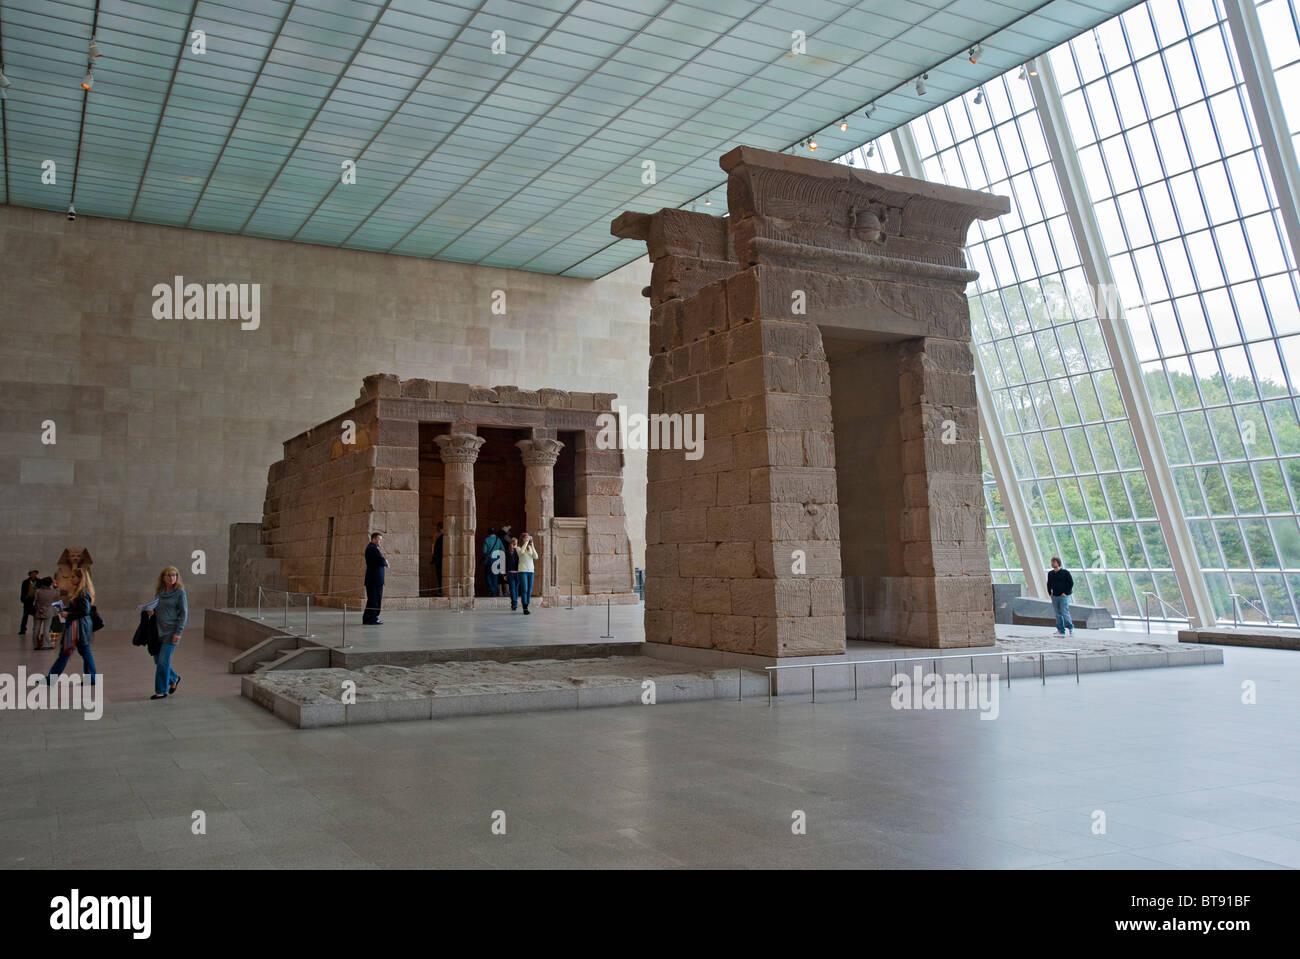 Temple Of Dendur At Metropolitan Museum Of Art In Manhattan New